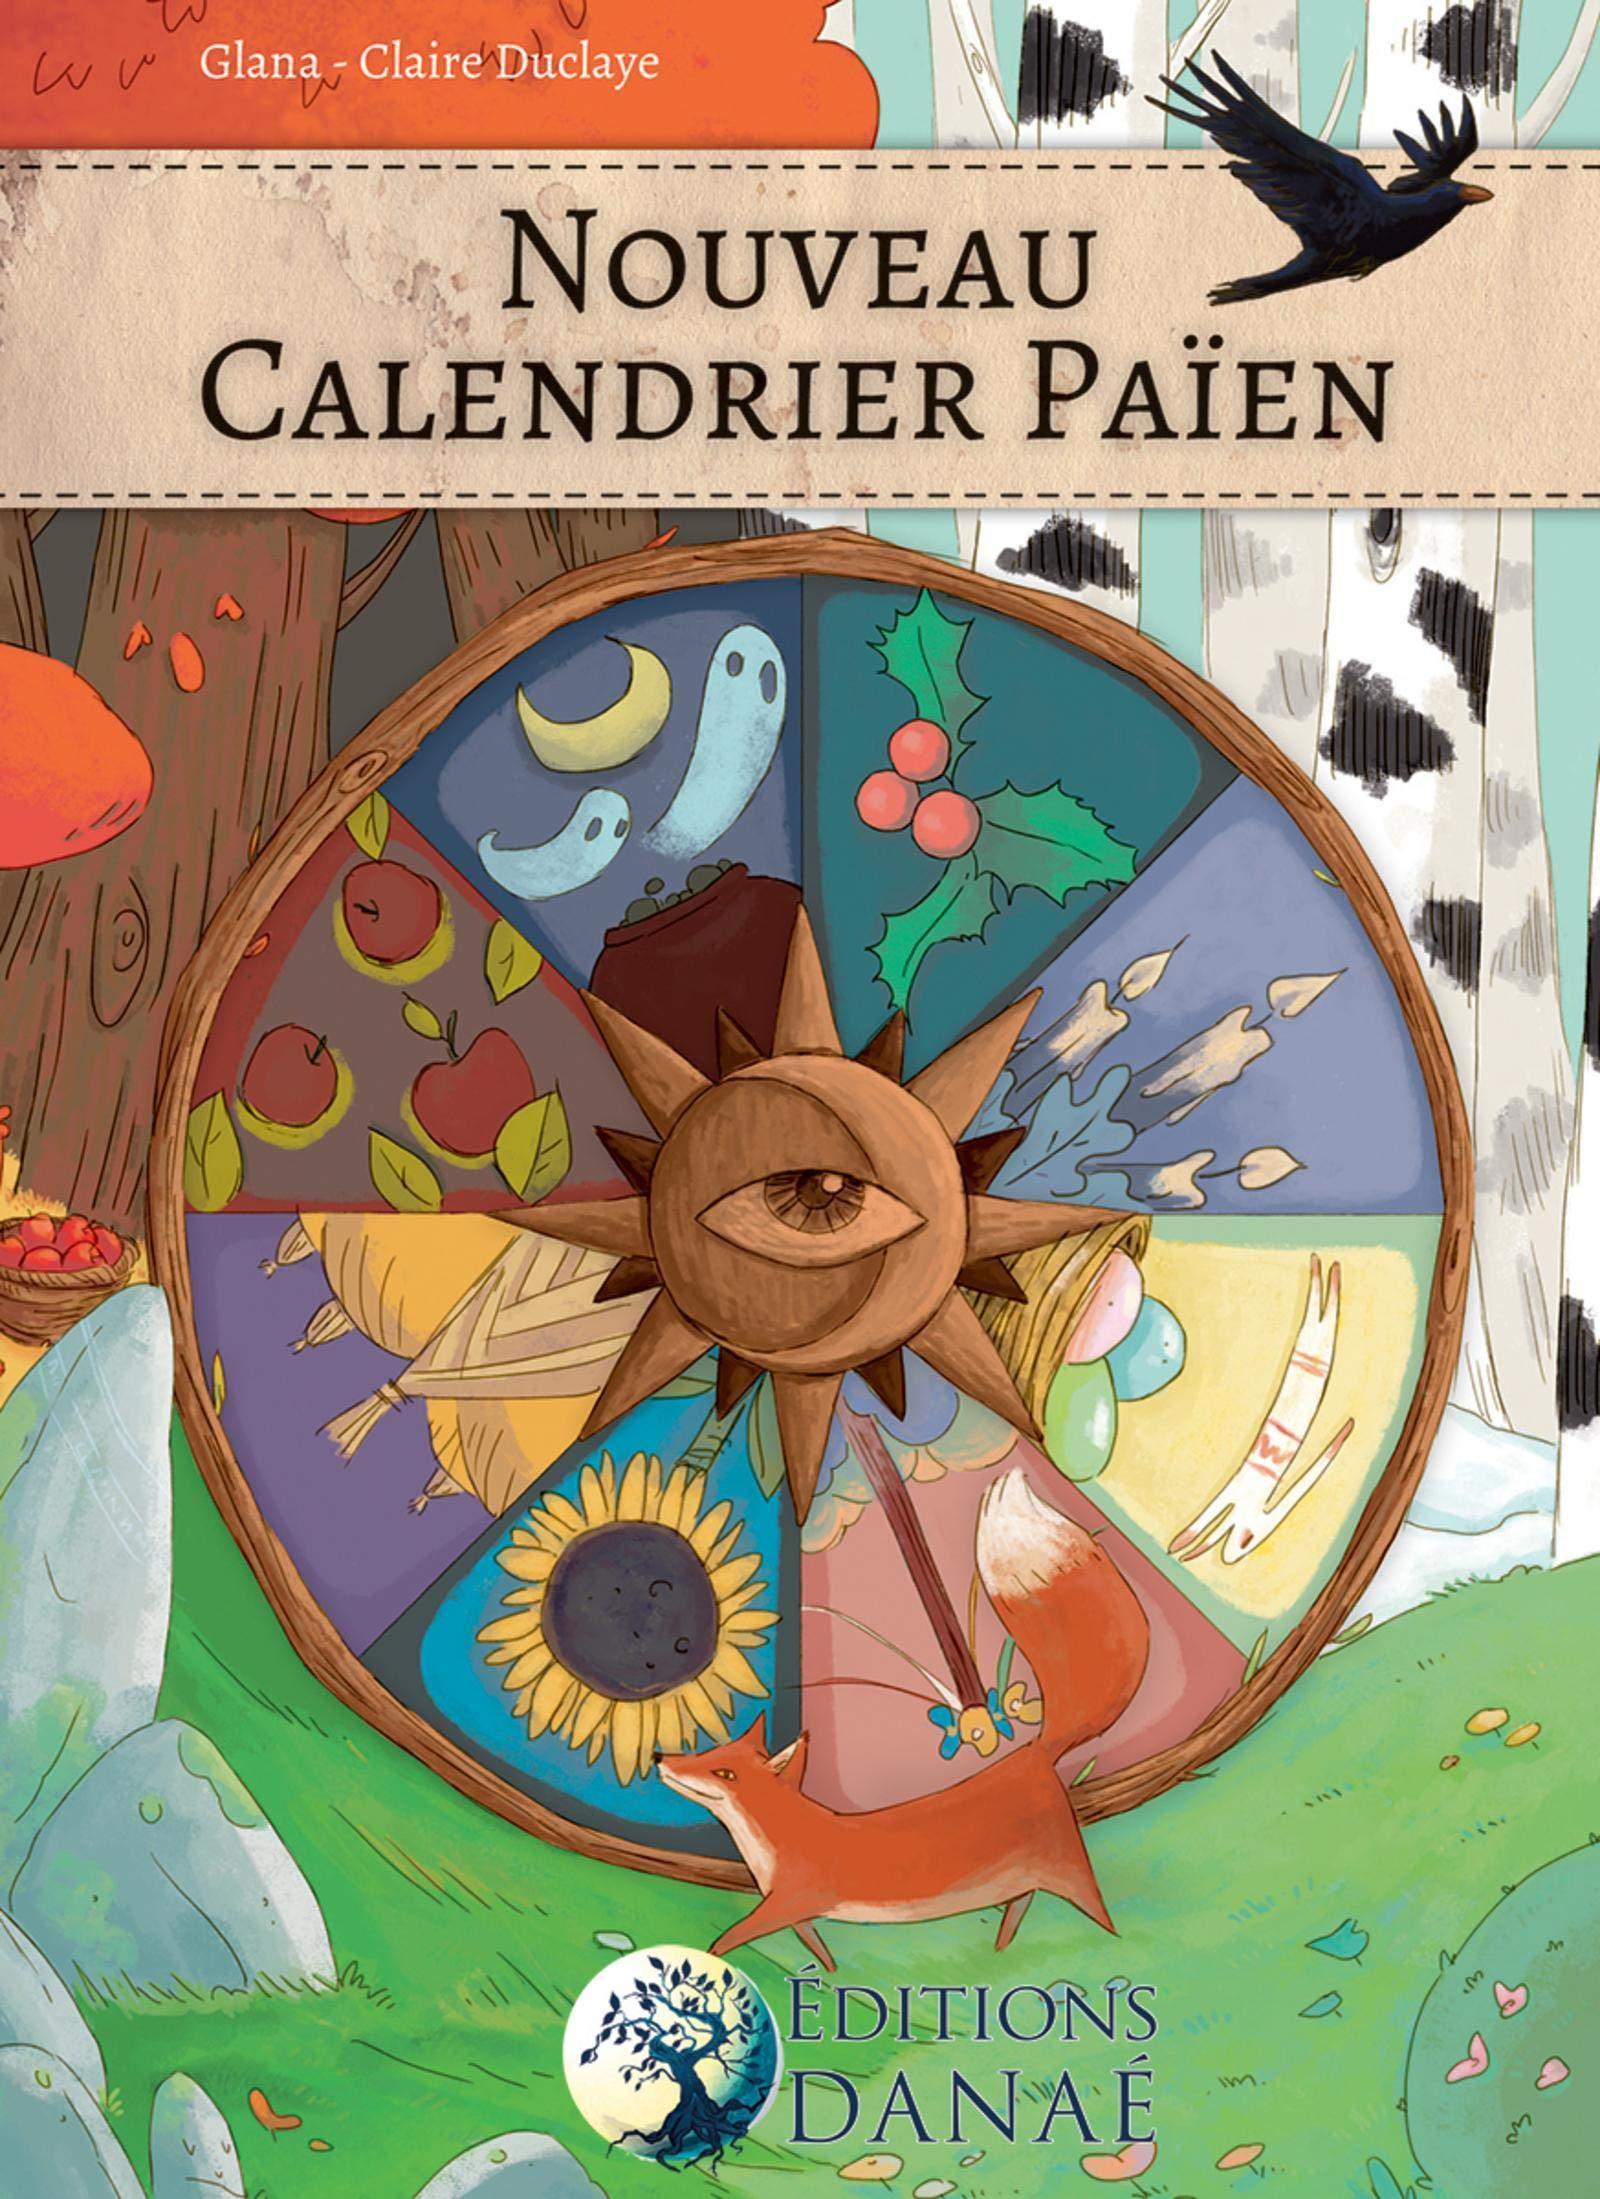 Amazon.fr   Nouveau Calendrier Païen   Duclaye, Glana Claire   Livres